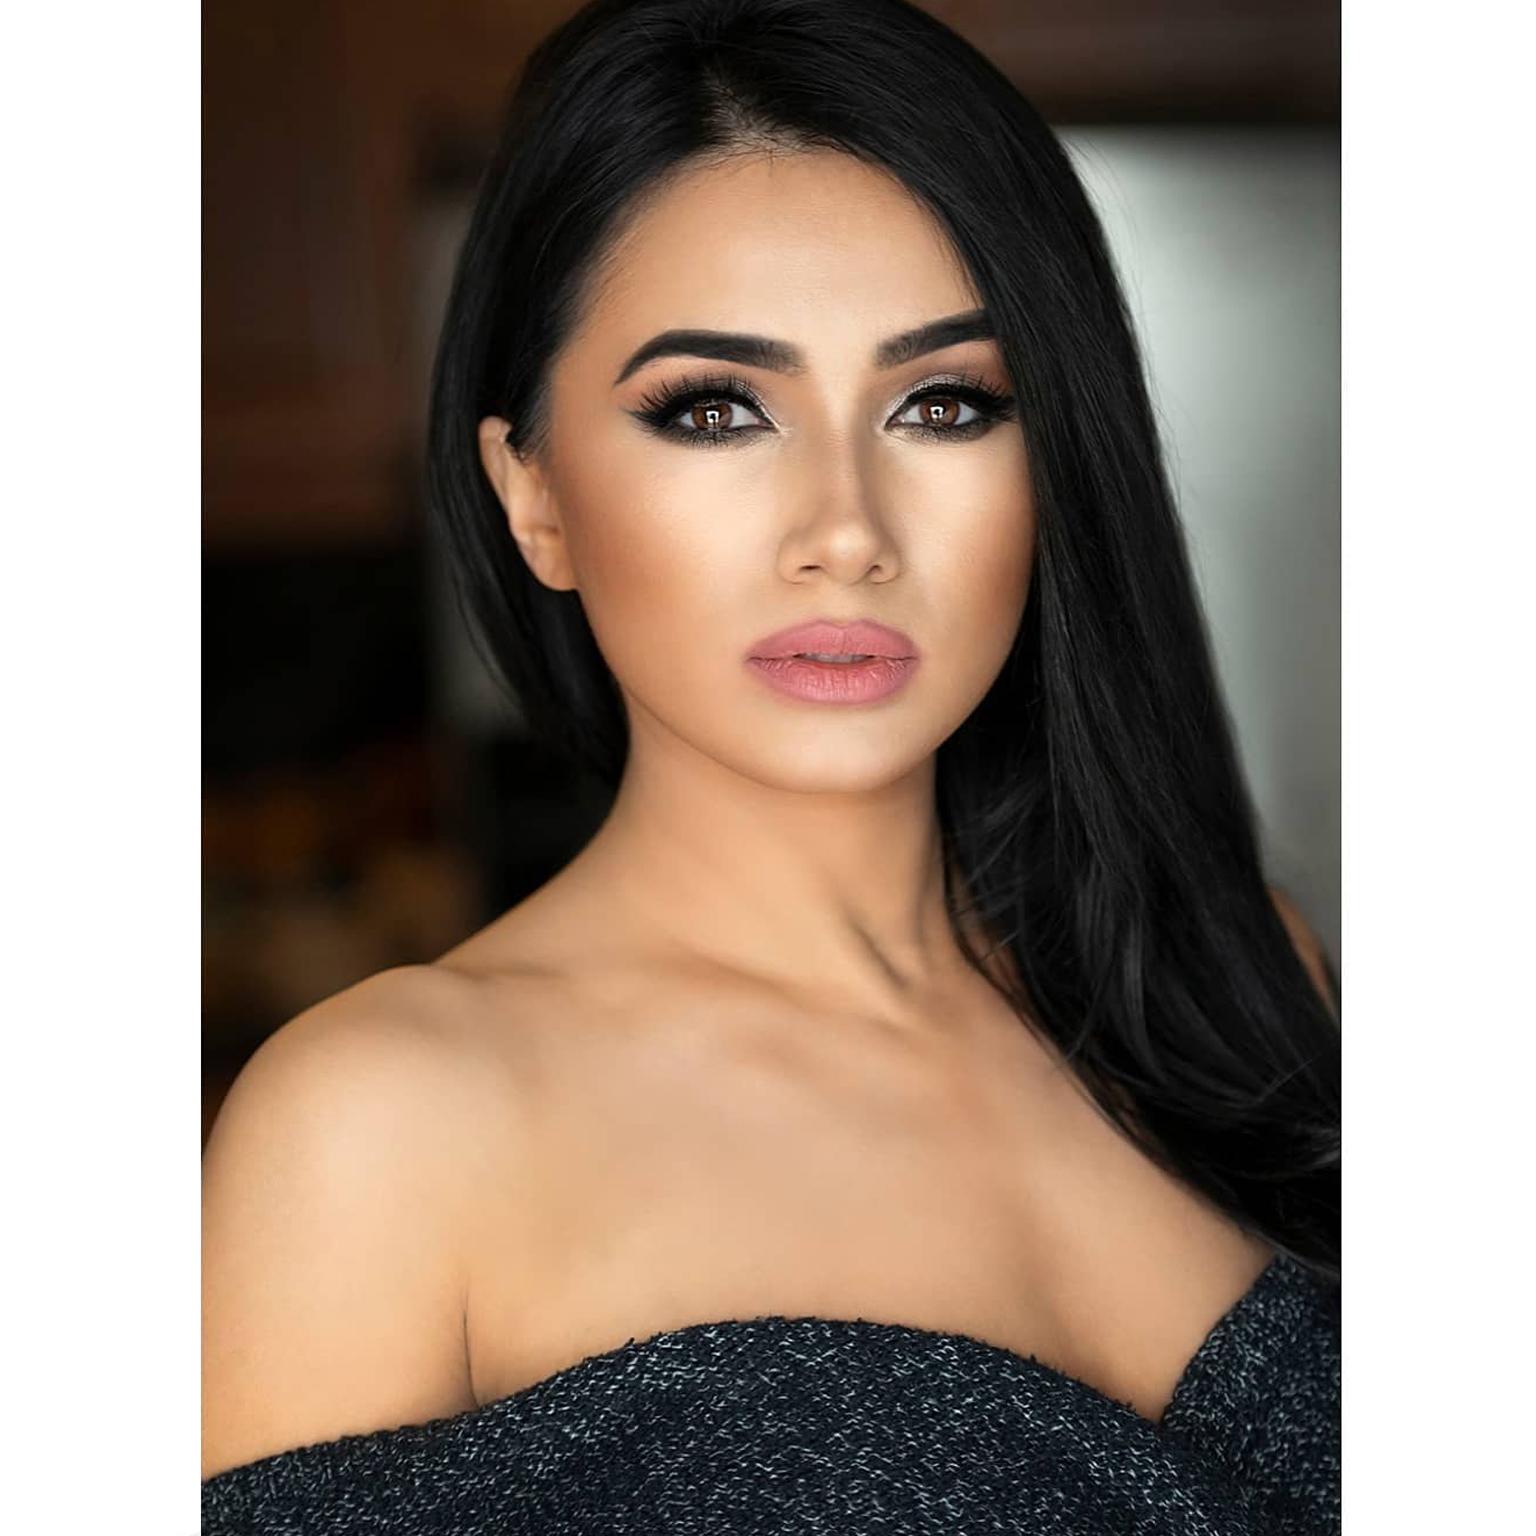 Toronto-Fitness-Model-Agency-Beauty-Portrait-Migena-Skenderaj